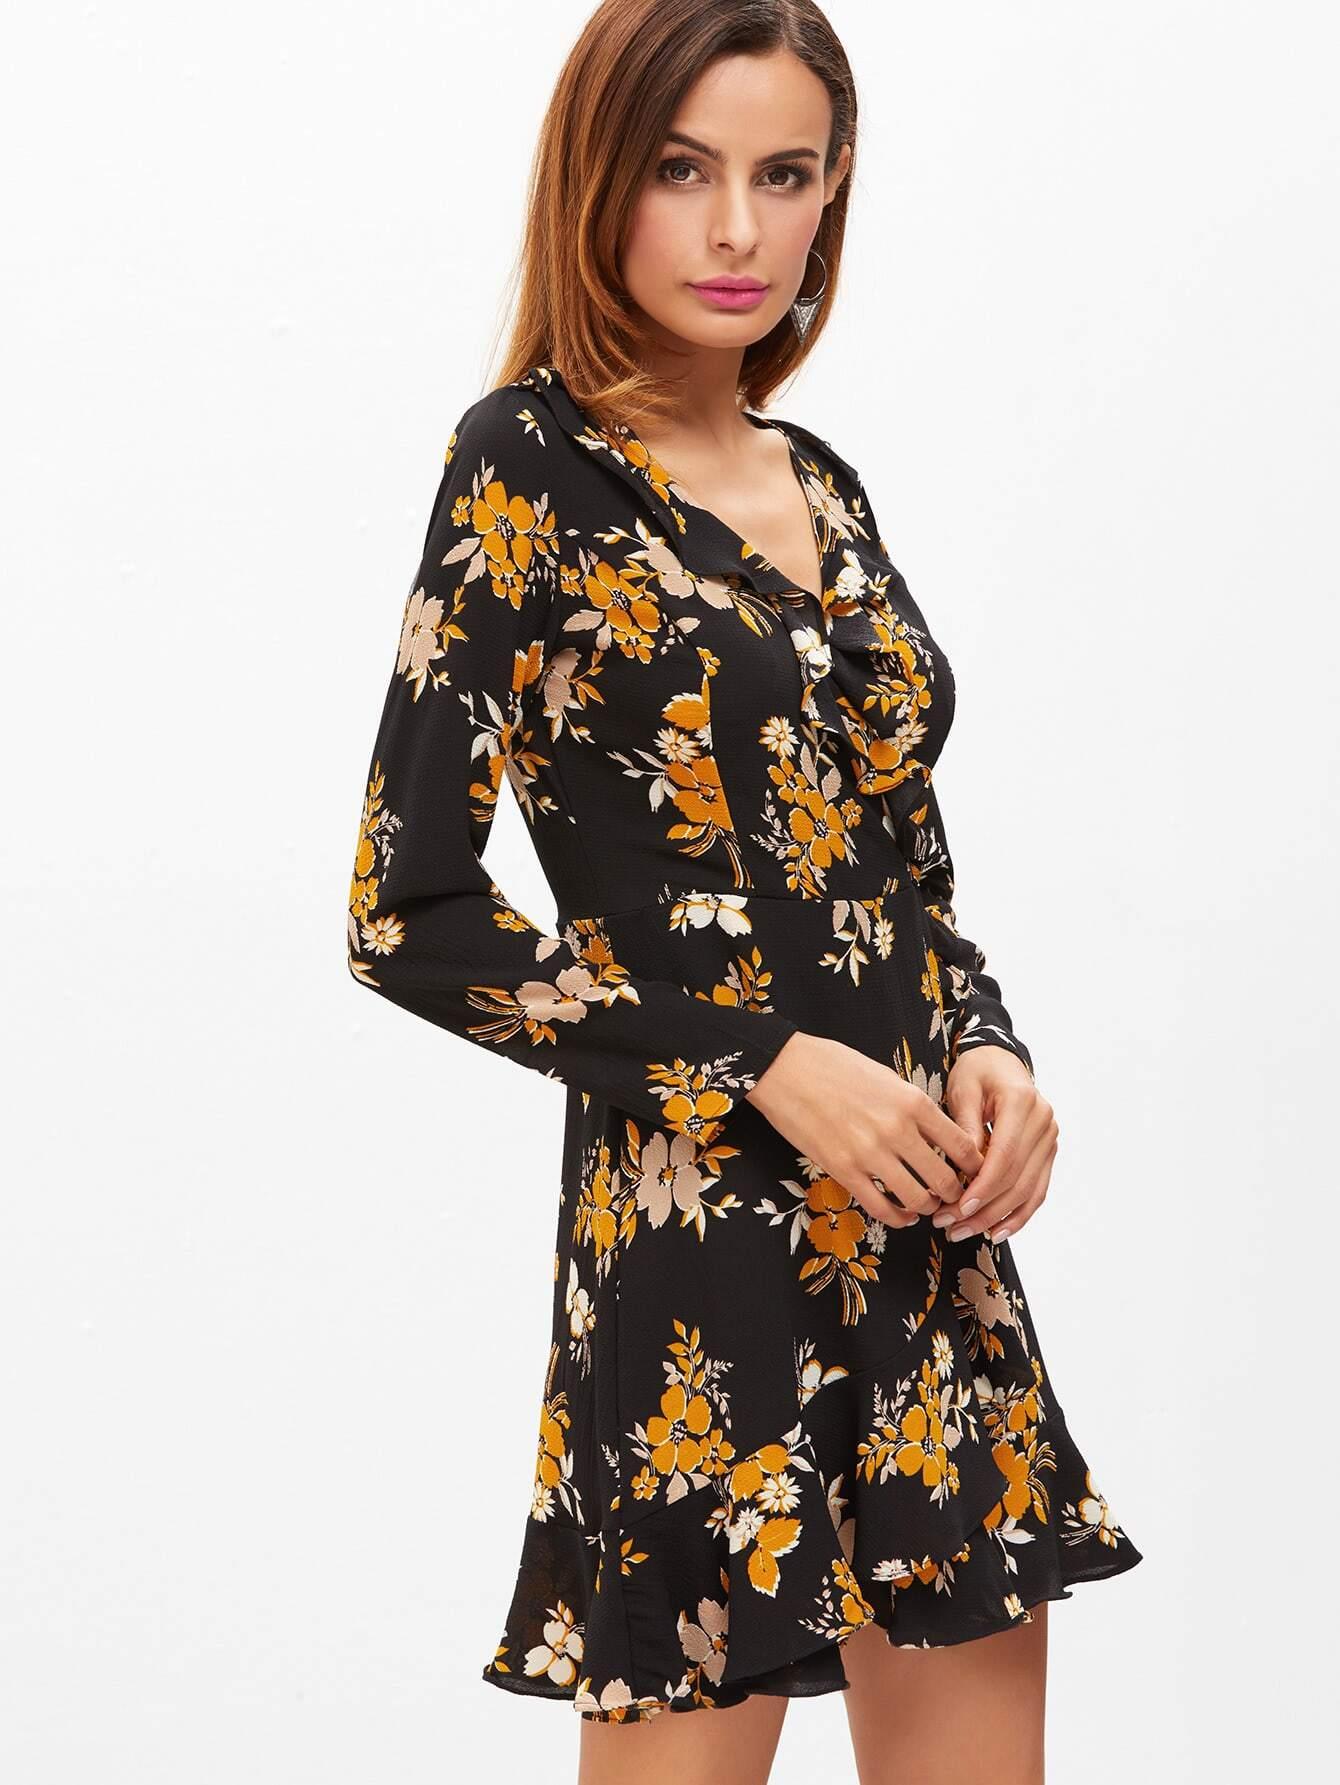 dress161216453_2